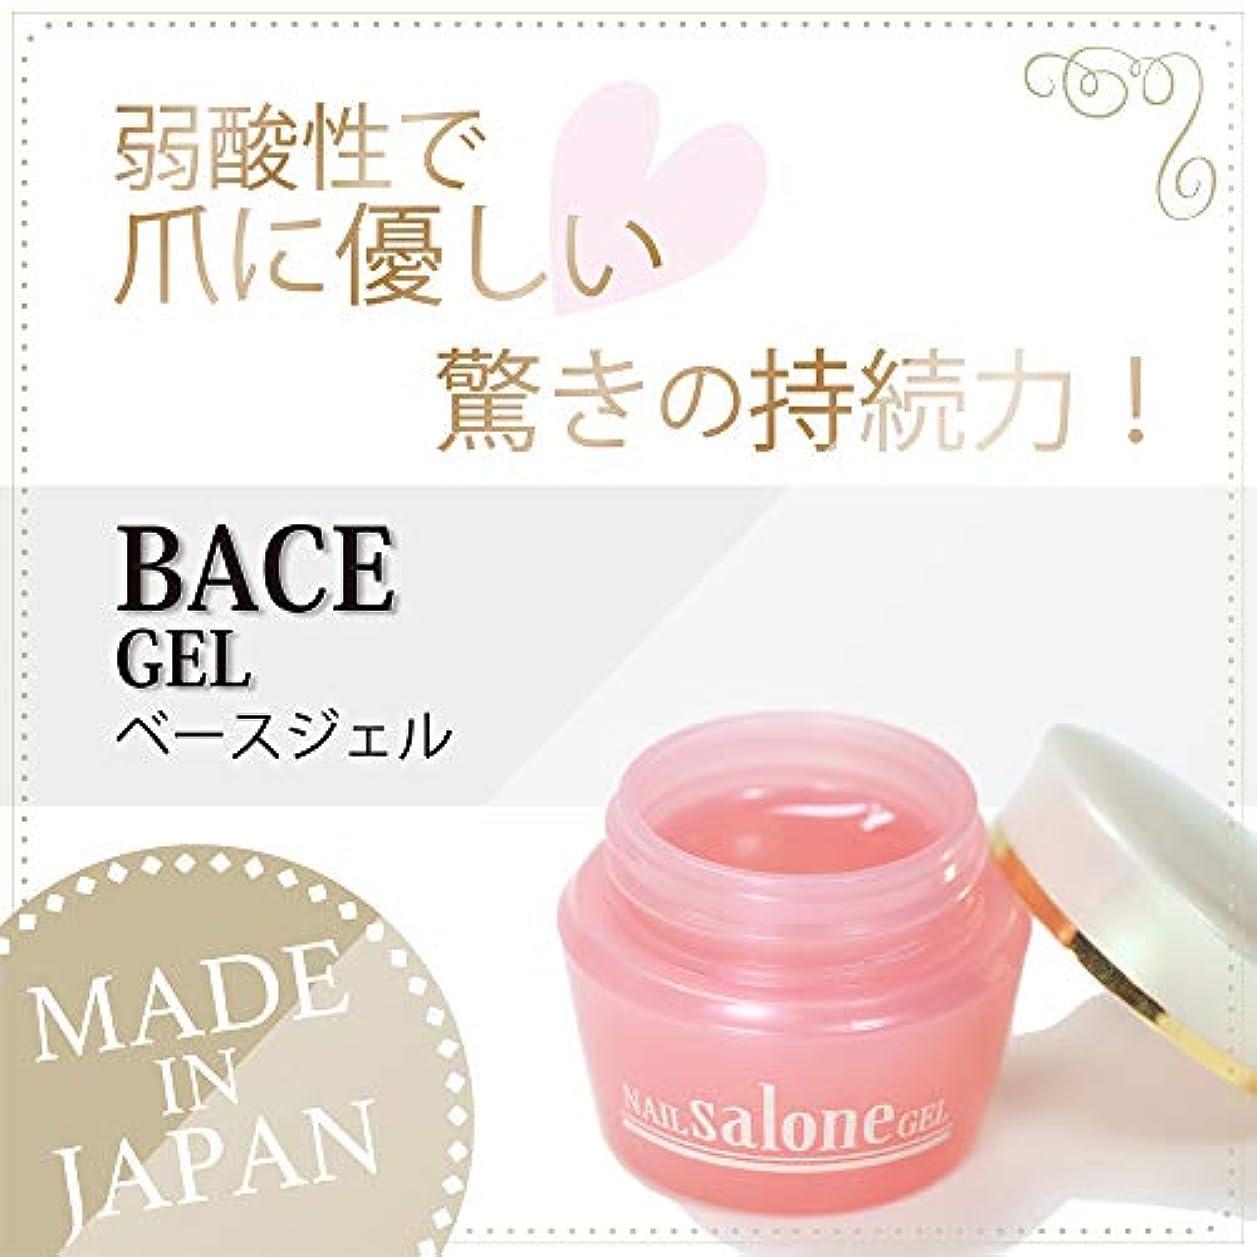 紳士免疫買うSalone gel サローネ ベースジェル 爪に優しい 日本製 驚きの密着力 リムーバーでオフも簡単3g